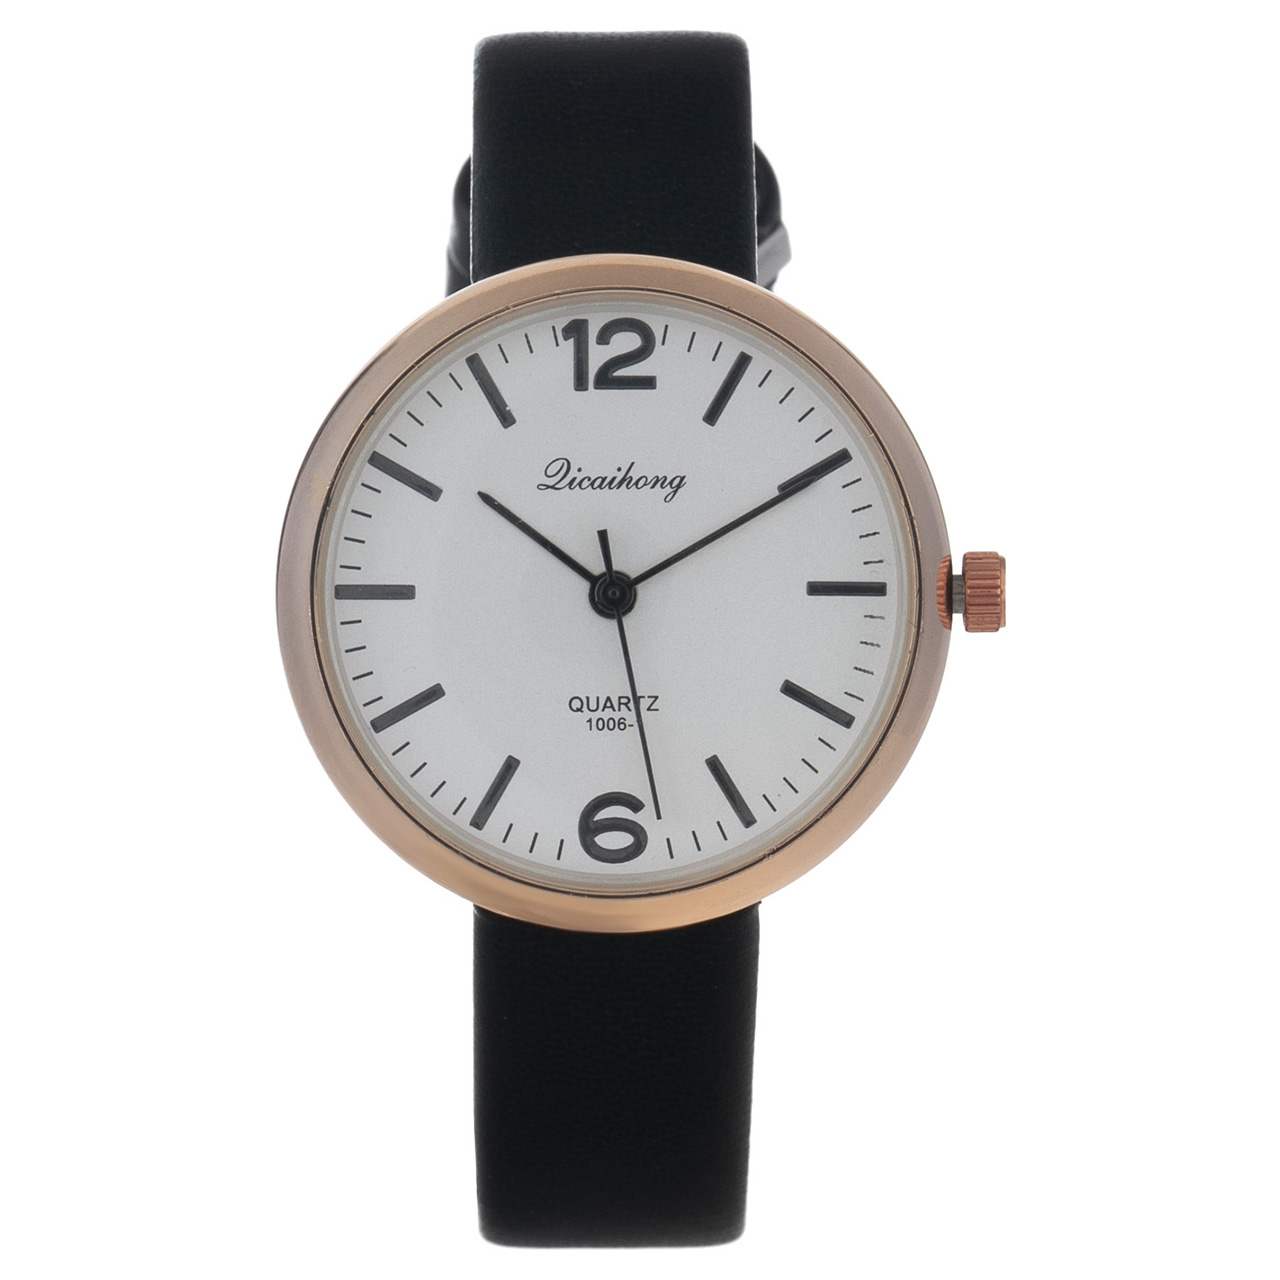 ساعت مچی عقربه ای زنانه دیکایهونگ مدل DW1 کد 1006